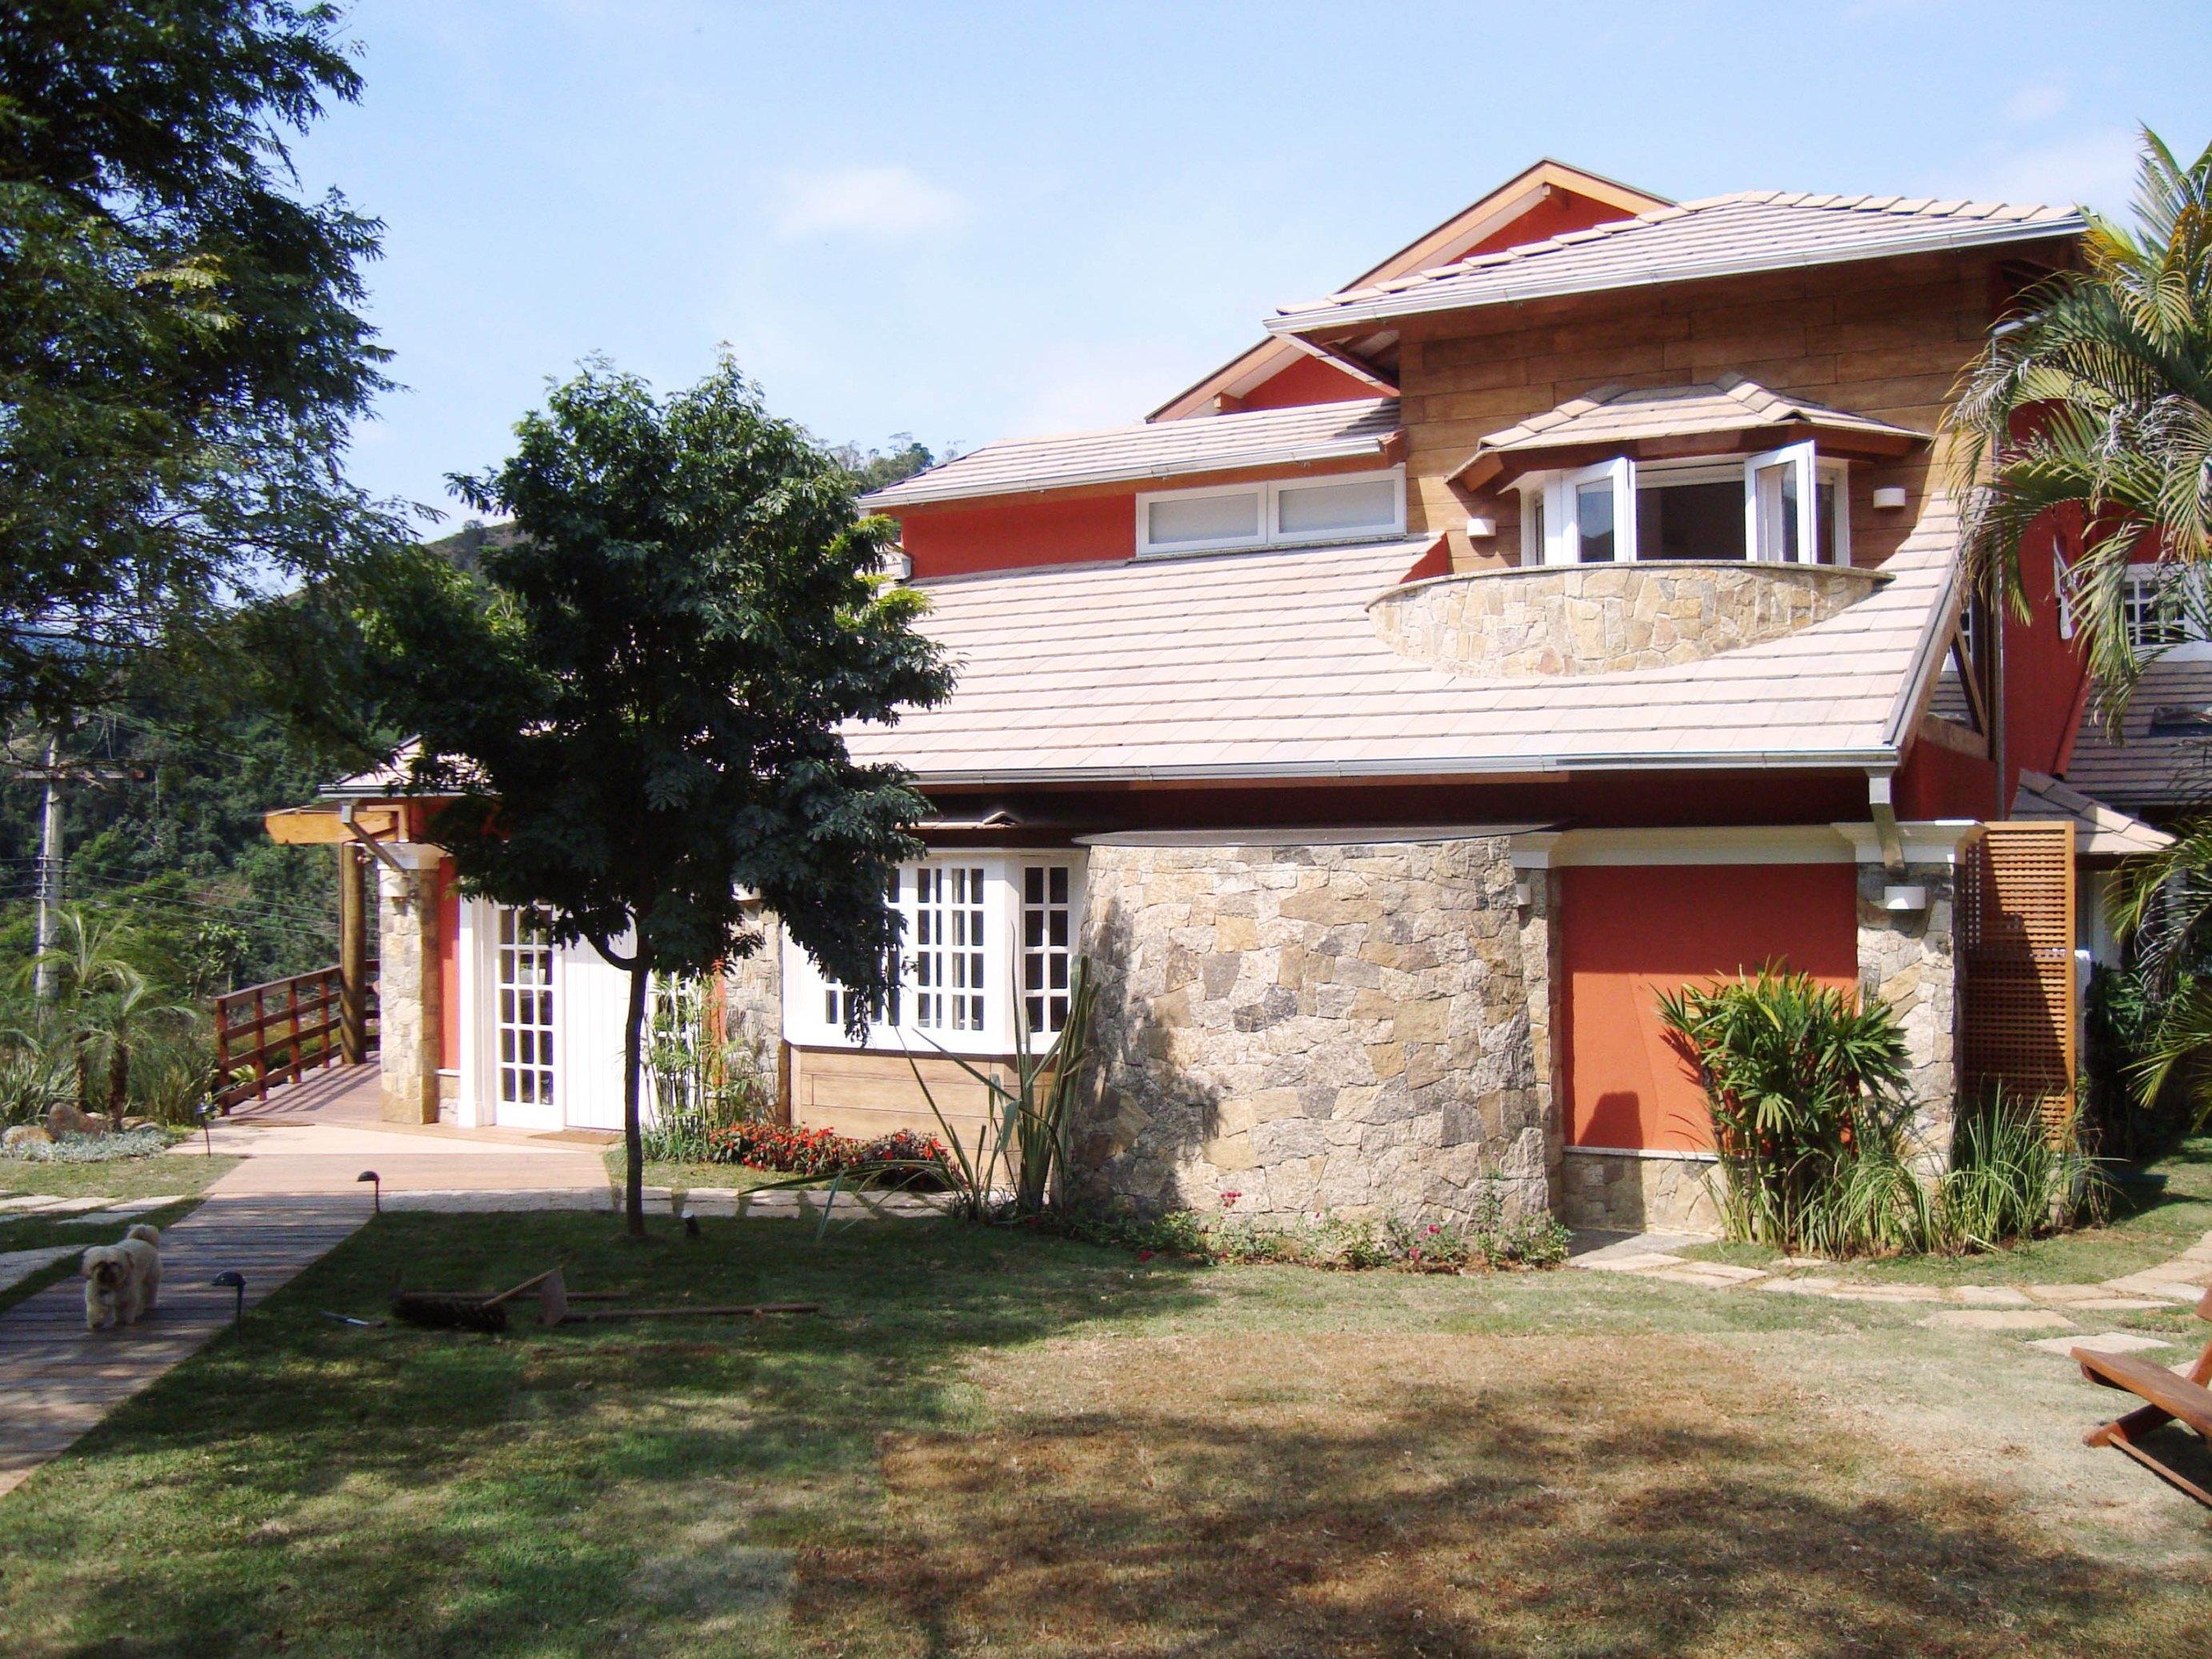 José Severiano reforma casa de 700 m² em Itaipava